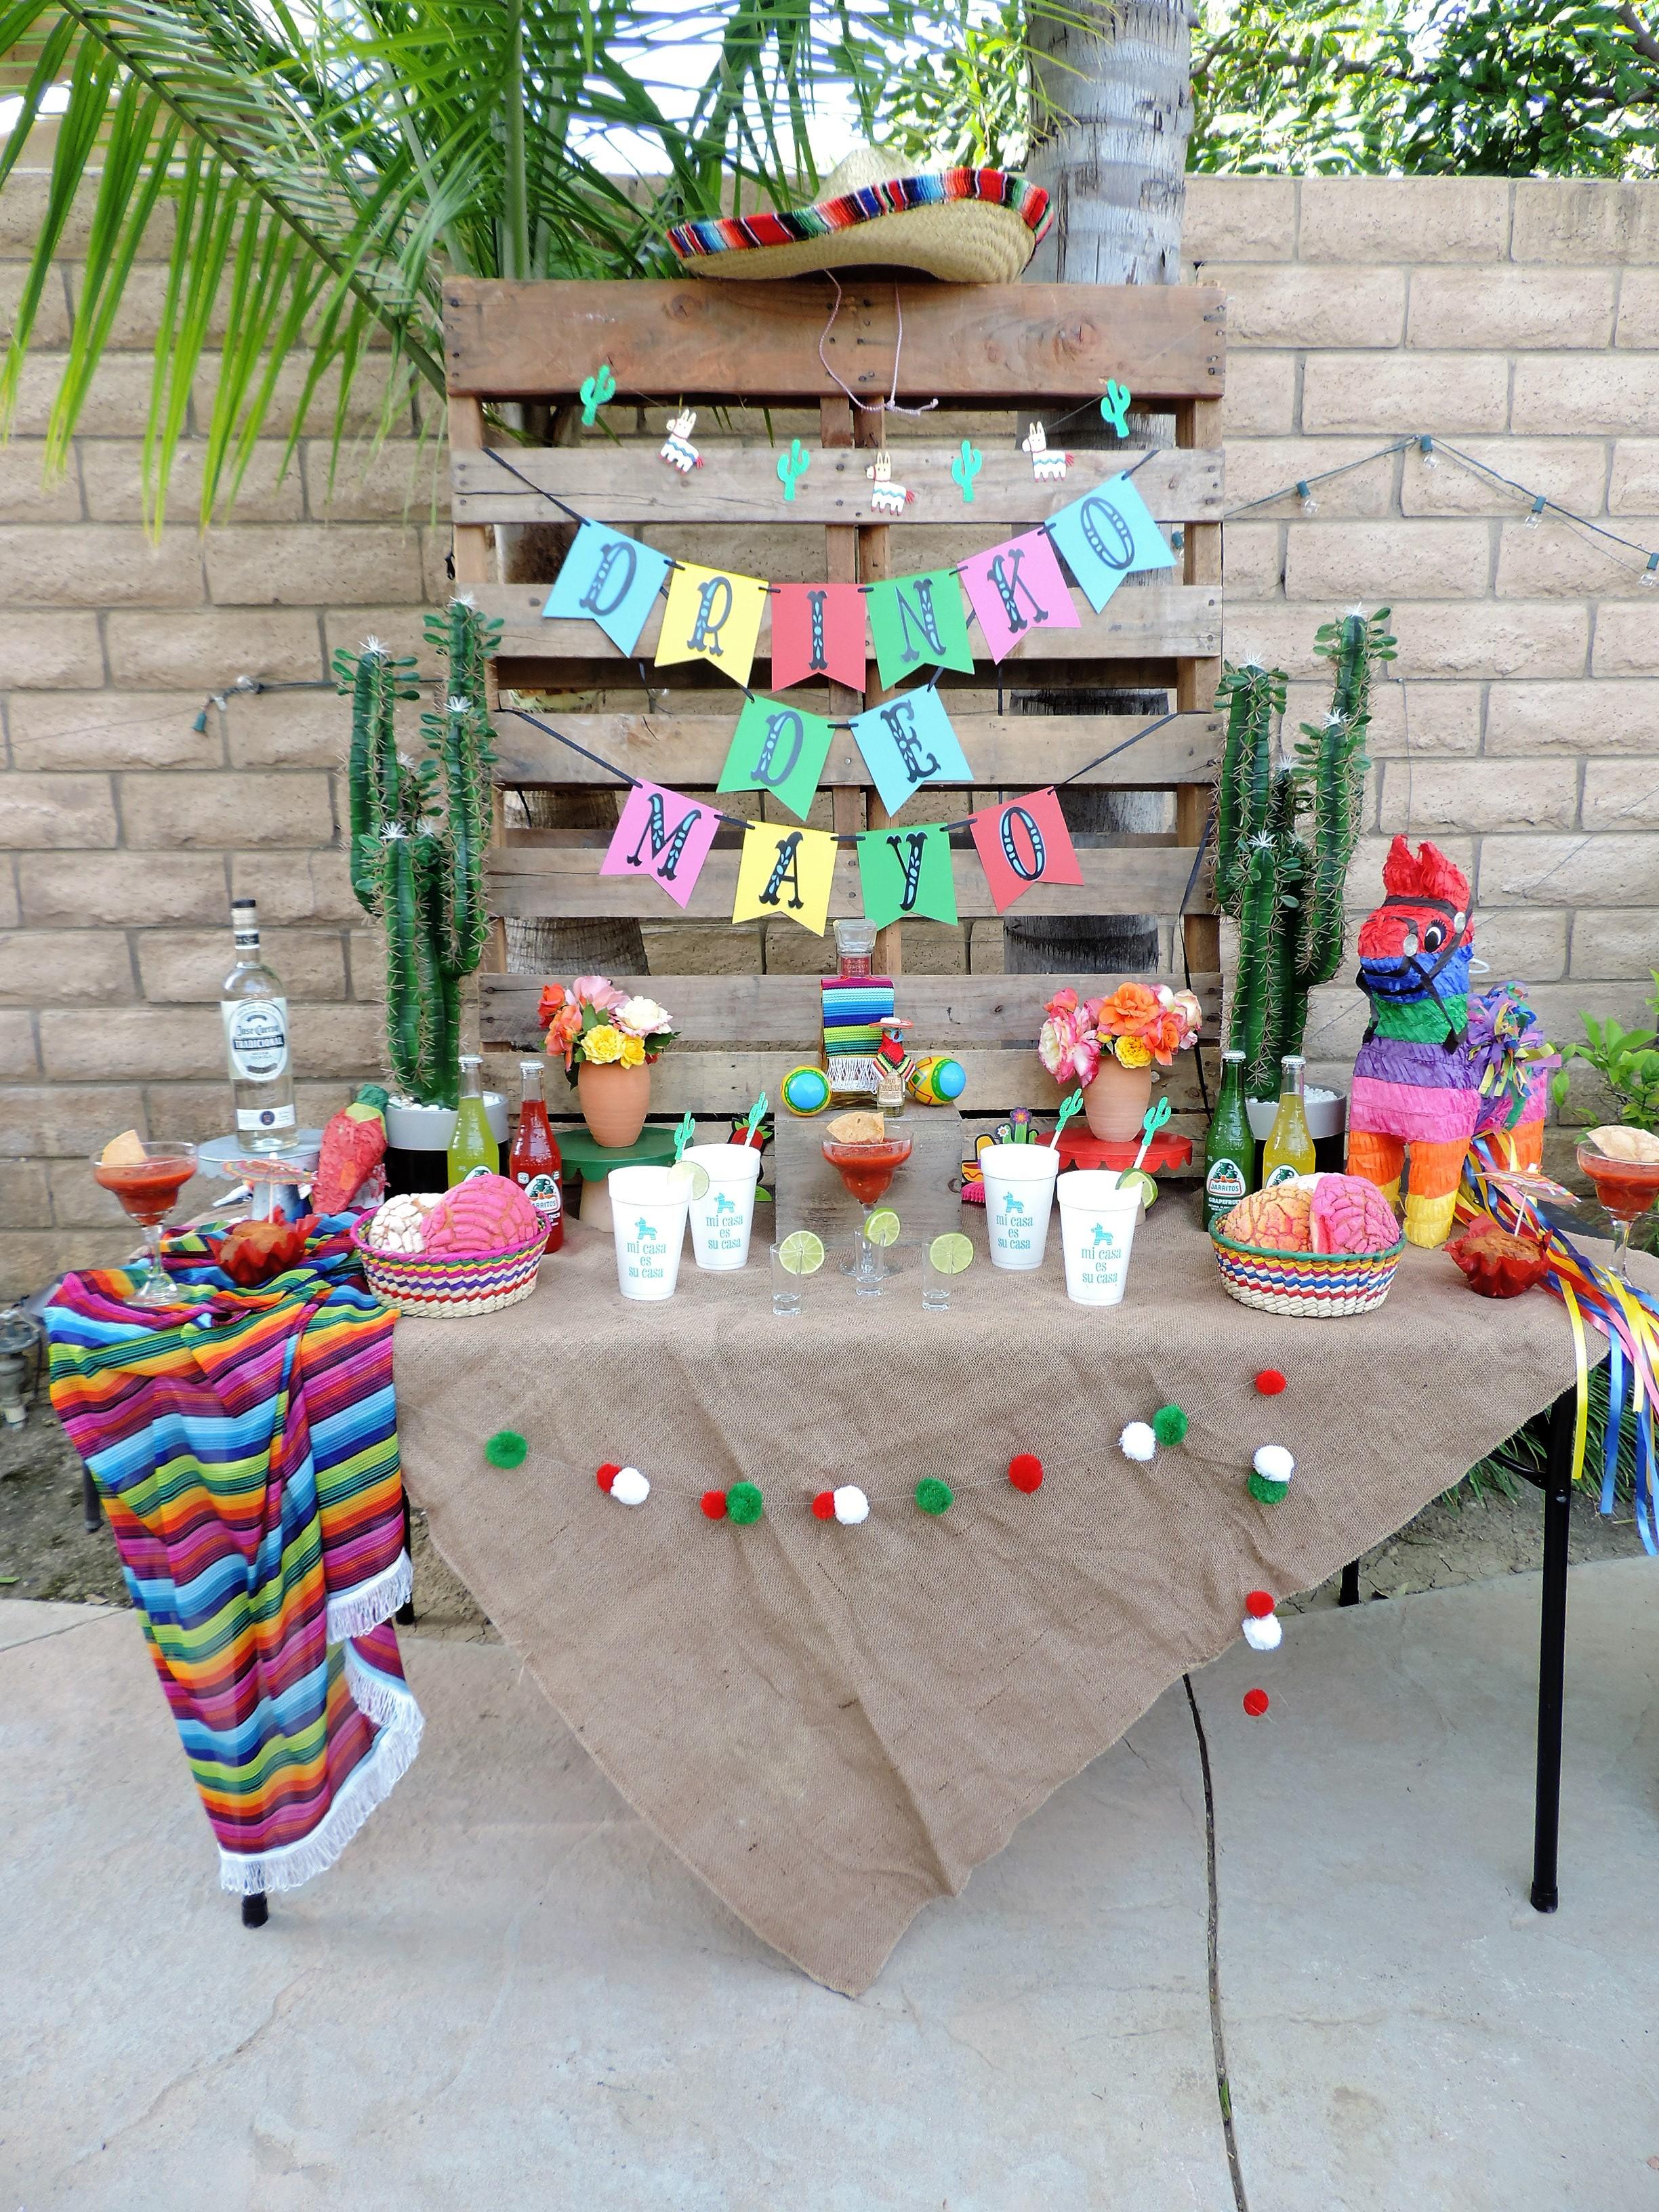 Cinco De Mayo Party-Tequila Party Table-Cinco De Mayo Party-Tequila Party-Fiesta Party-Fiesta Drink Table-Tequila Party Ideas-Drinko De Mayo-Cinco De Mayo Party Idea-Mexican Theme Party-Fiesta-Cinco De Mayo Party Ideas and Decor-Taco Party-www.SugarPartiesLA.com